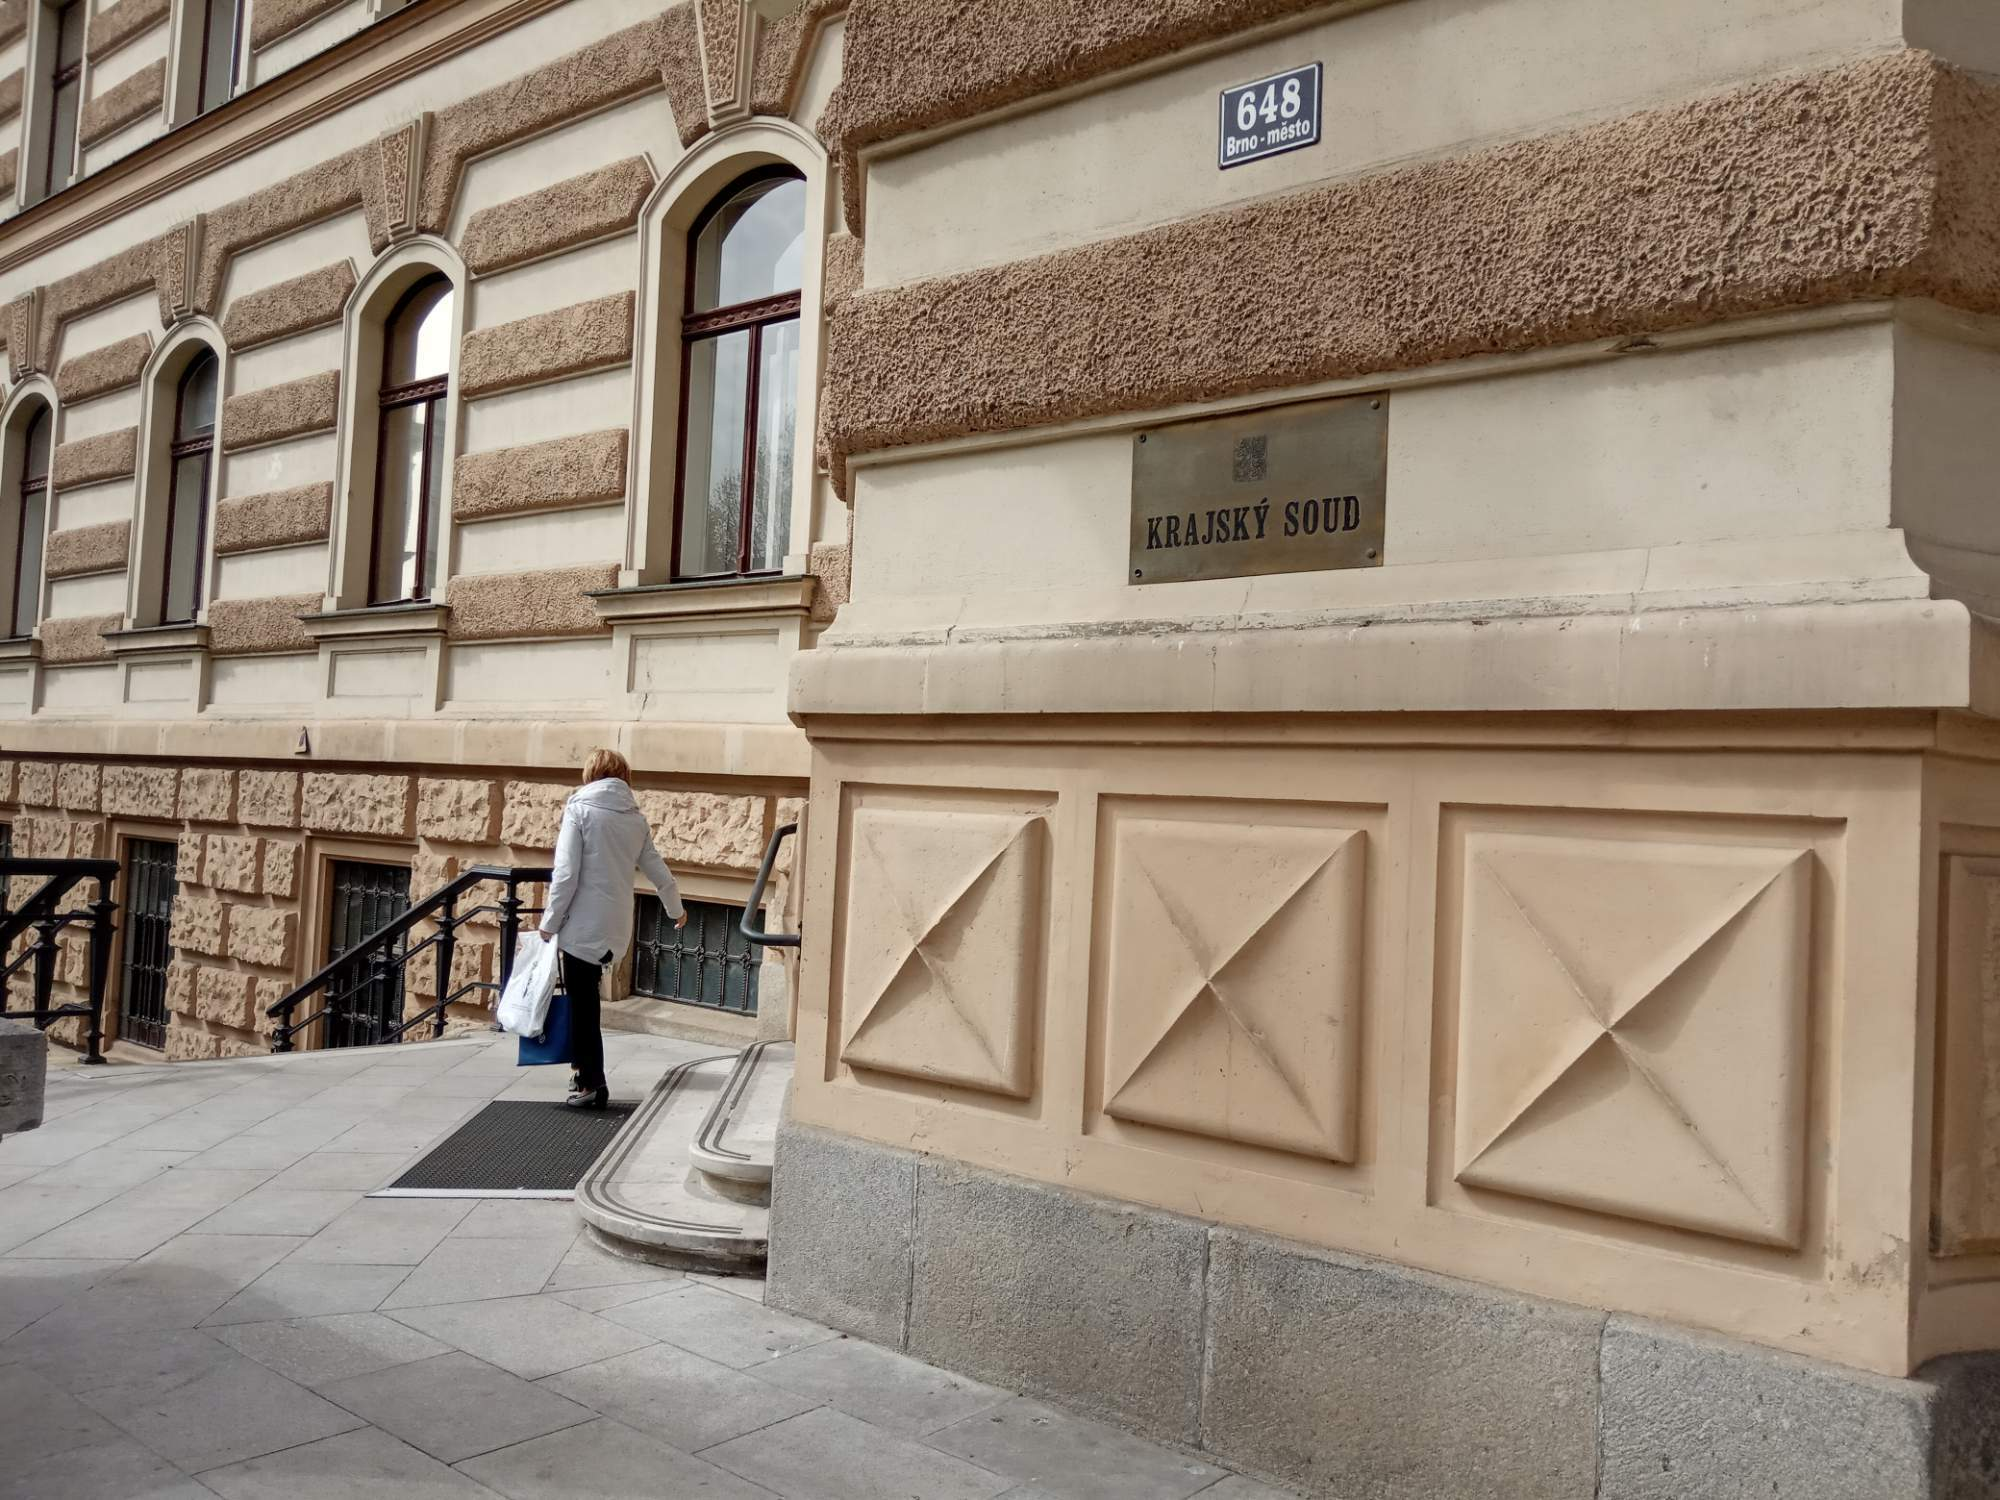 Krajský soud v Brně zmírnil trest obžalovanému, který pronásledoval bývalou přítelkyni. Foto: Anežka Horová.